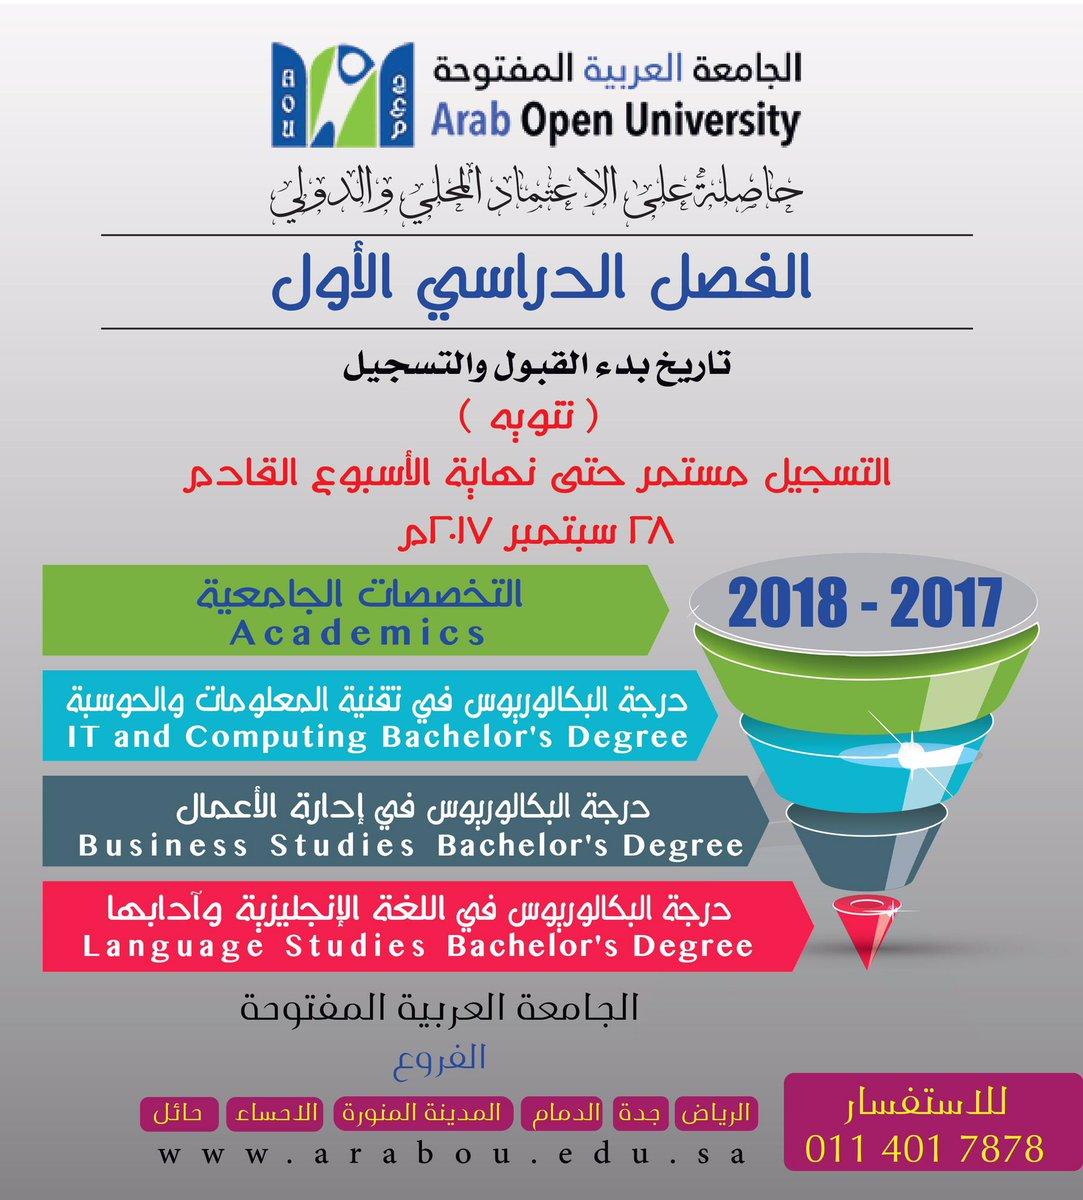 الجامعة العربية المفتوحة الدمام